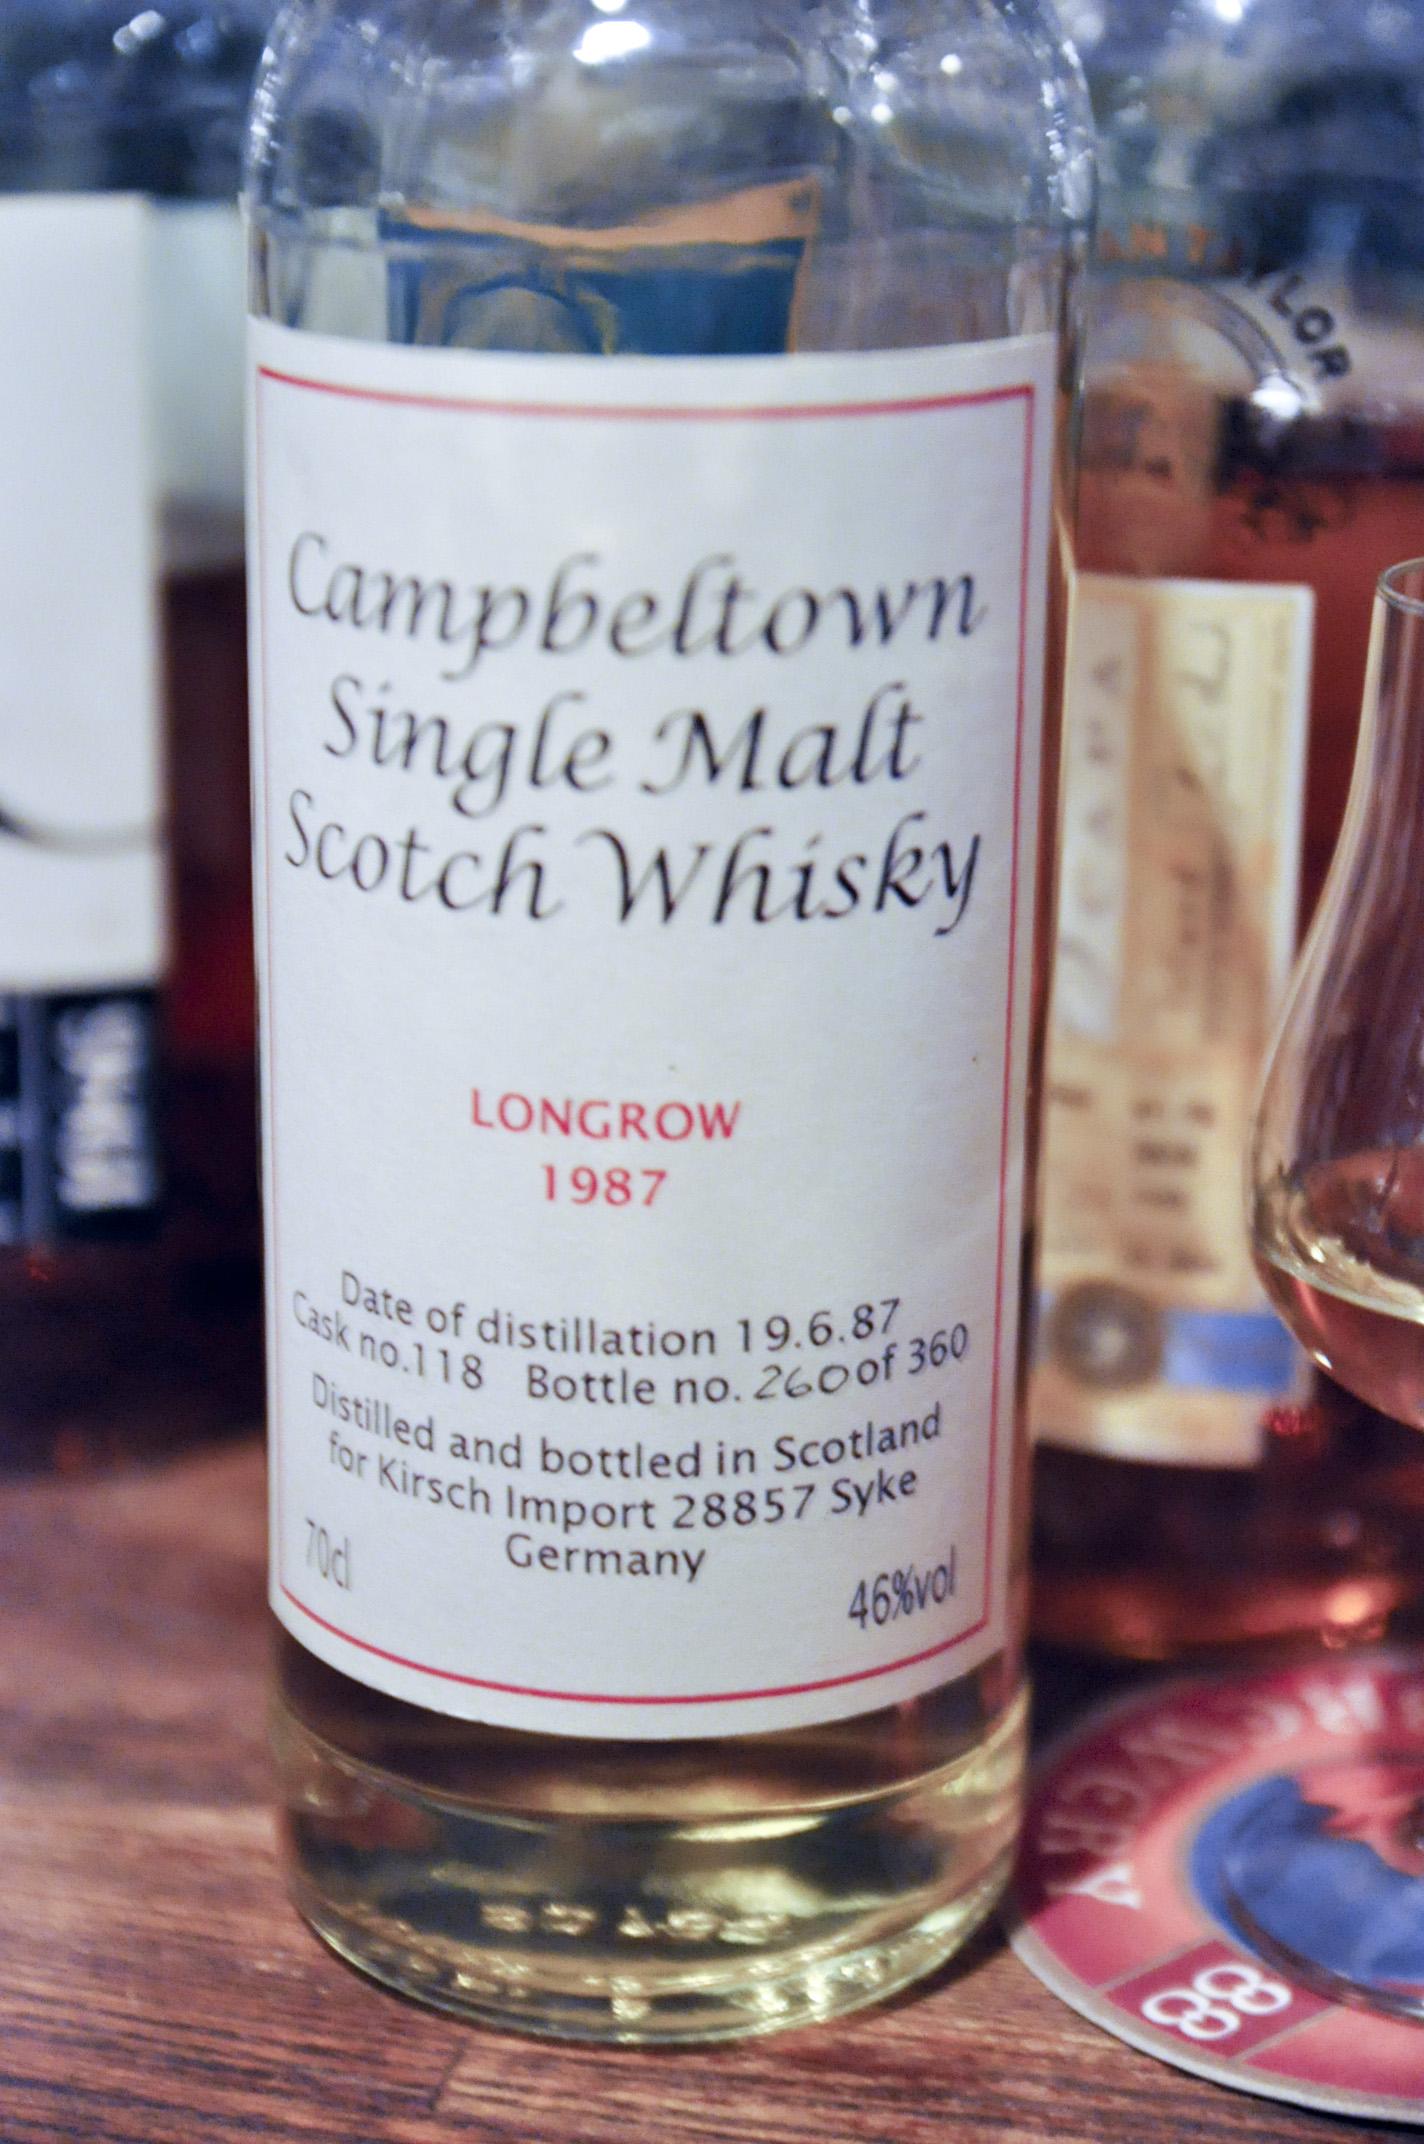 ロングロウ Longrow 1987/1996 (46%, Kirsch Import, cask #118, 360btls)